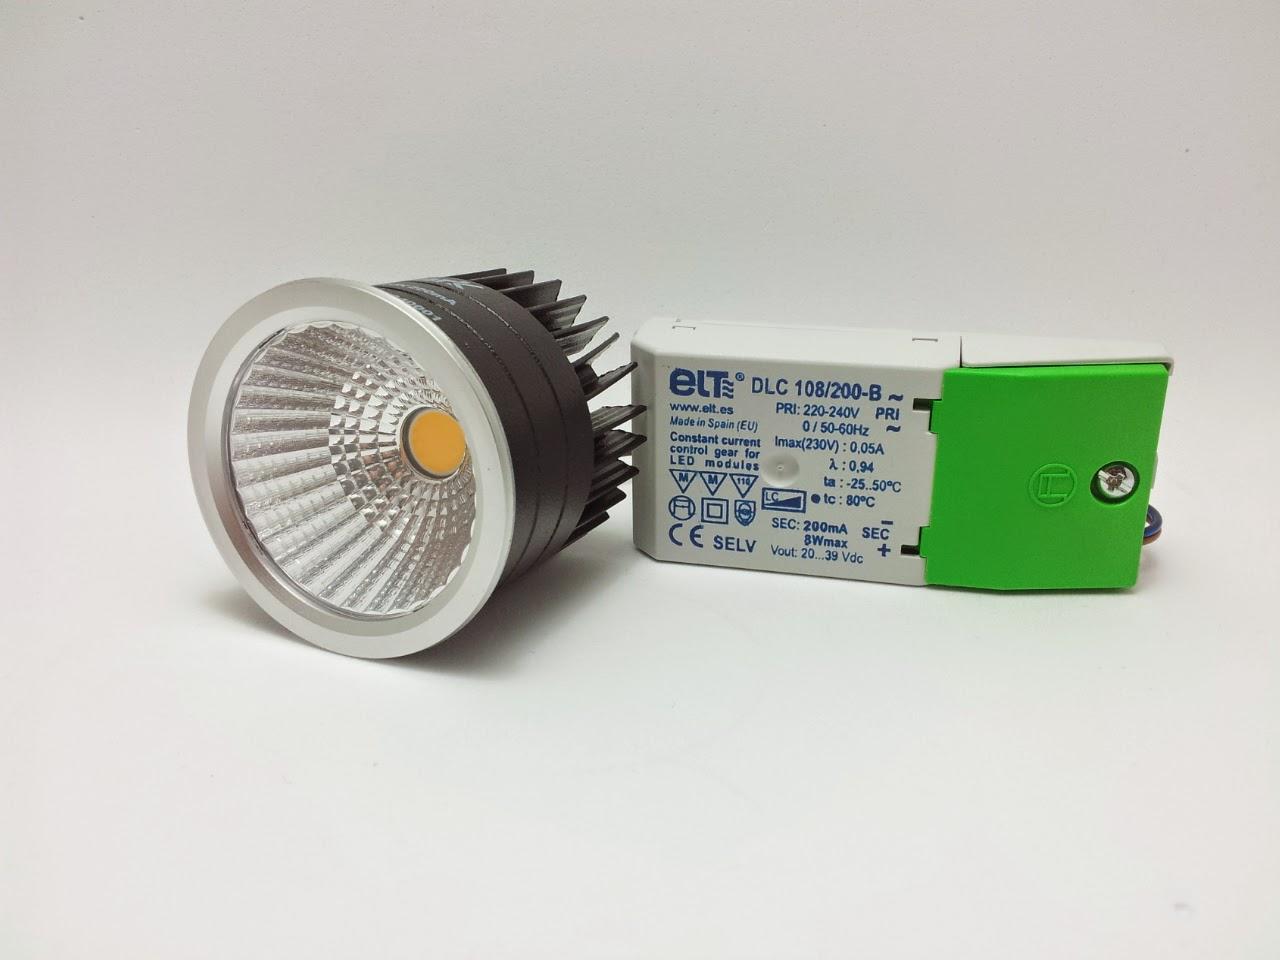 Iluminar Baño Halogenos:Luz Actual SL Iluminación Técnica y Proyectos: Iluminación para